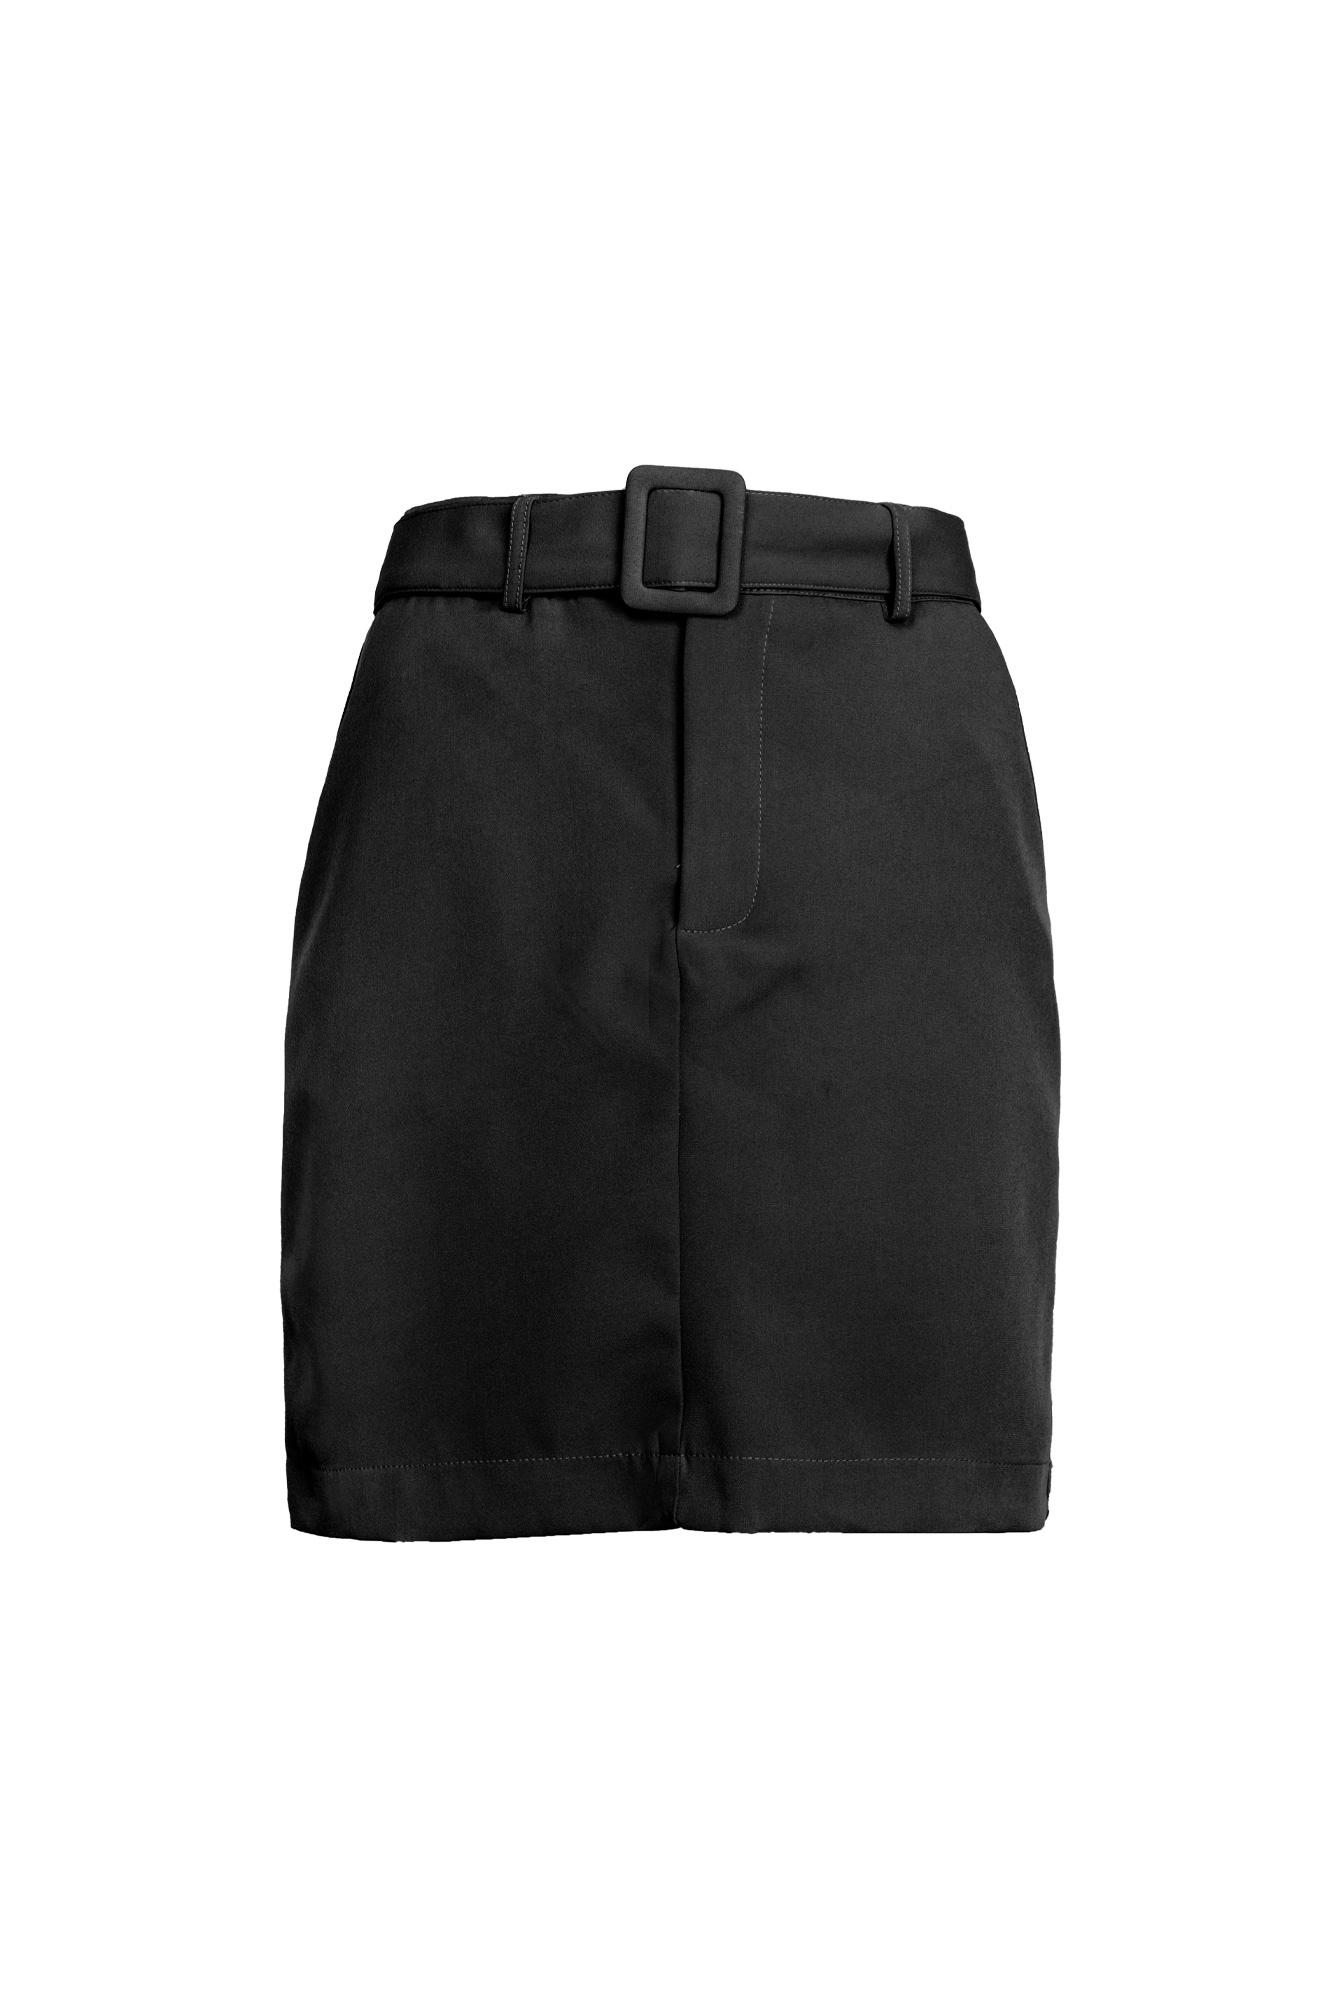 Belted rok zwart